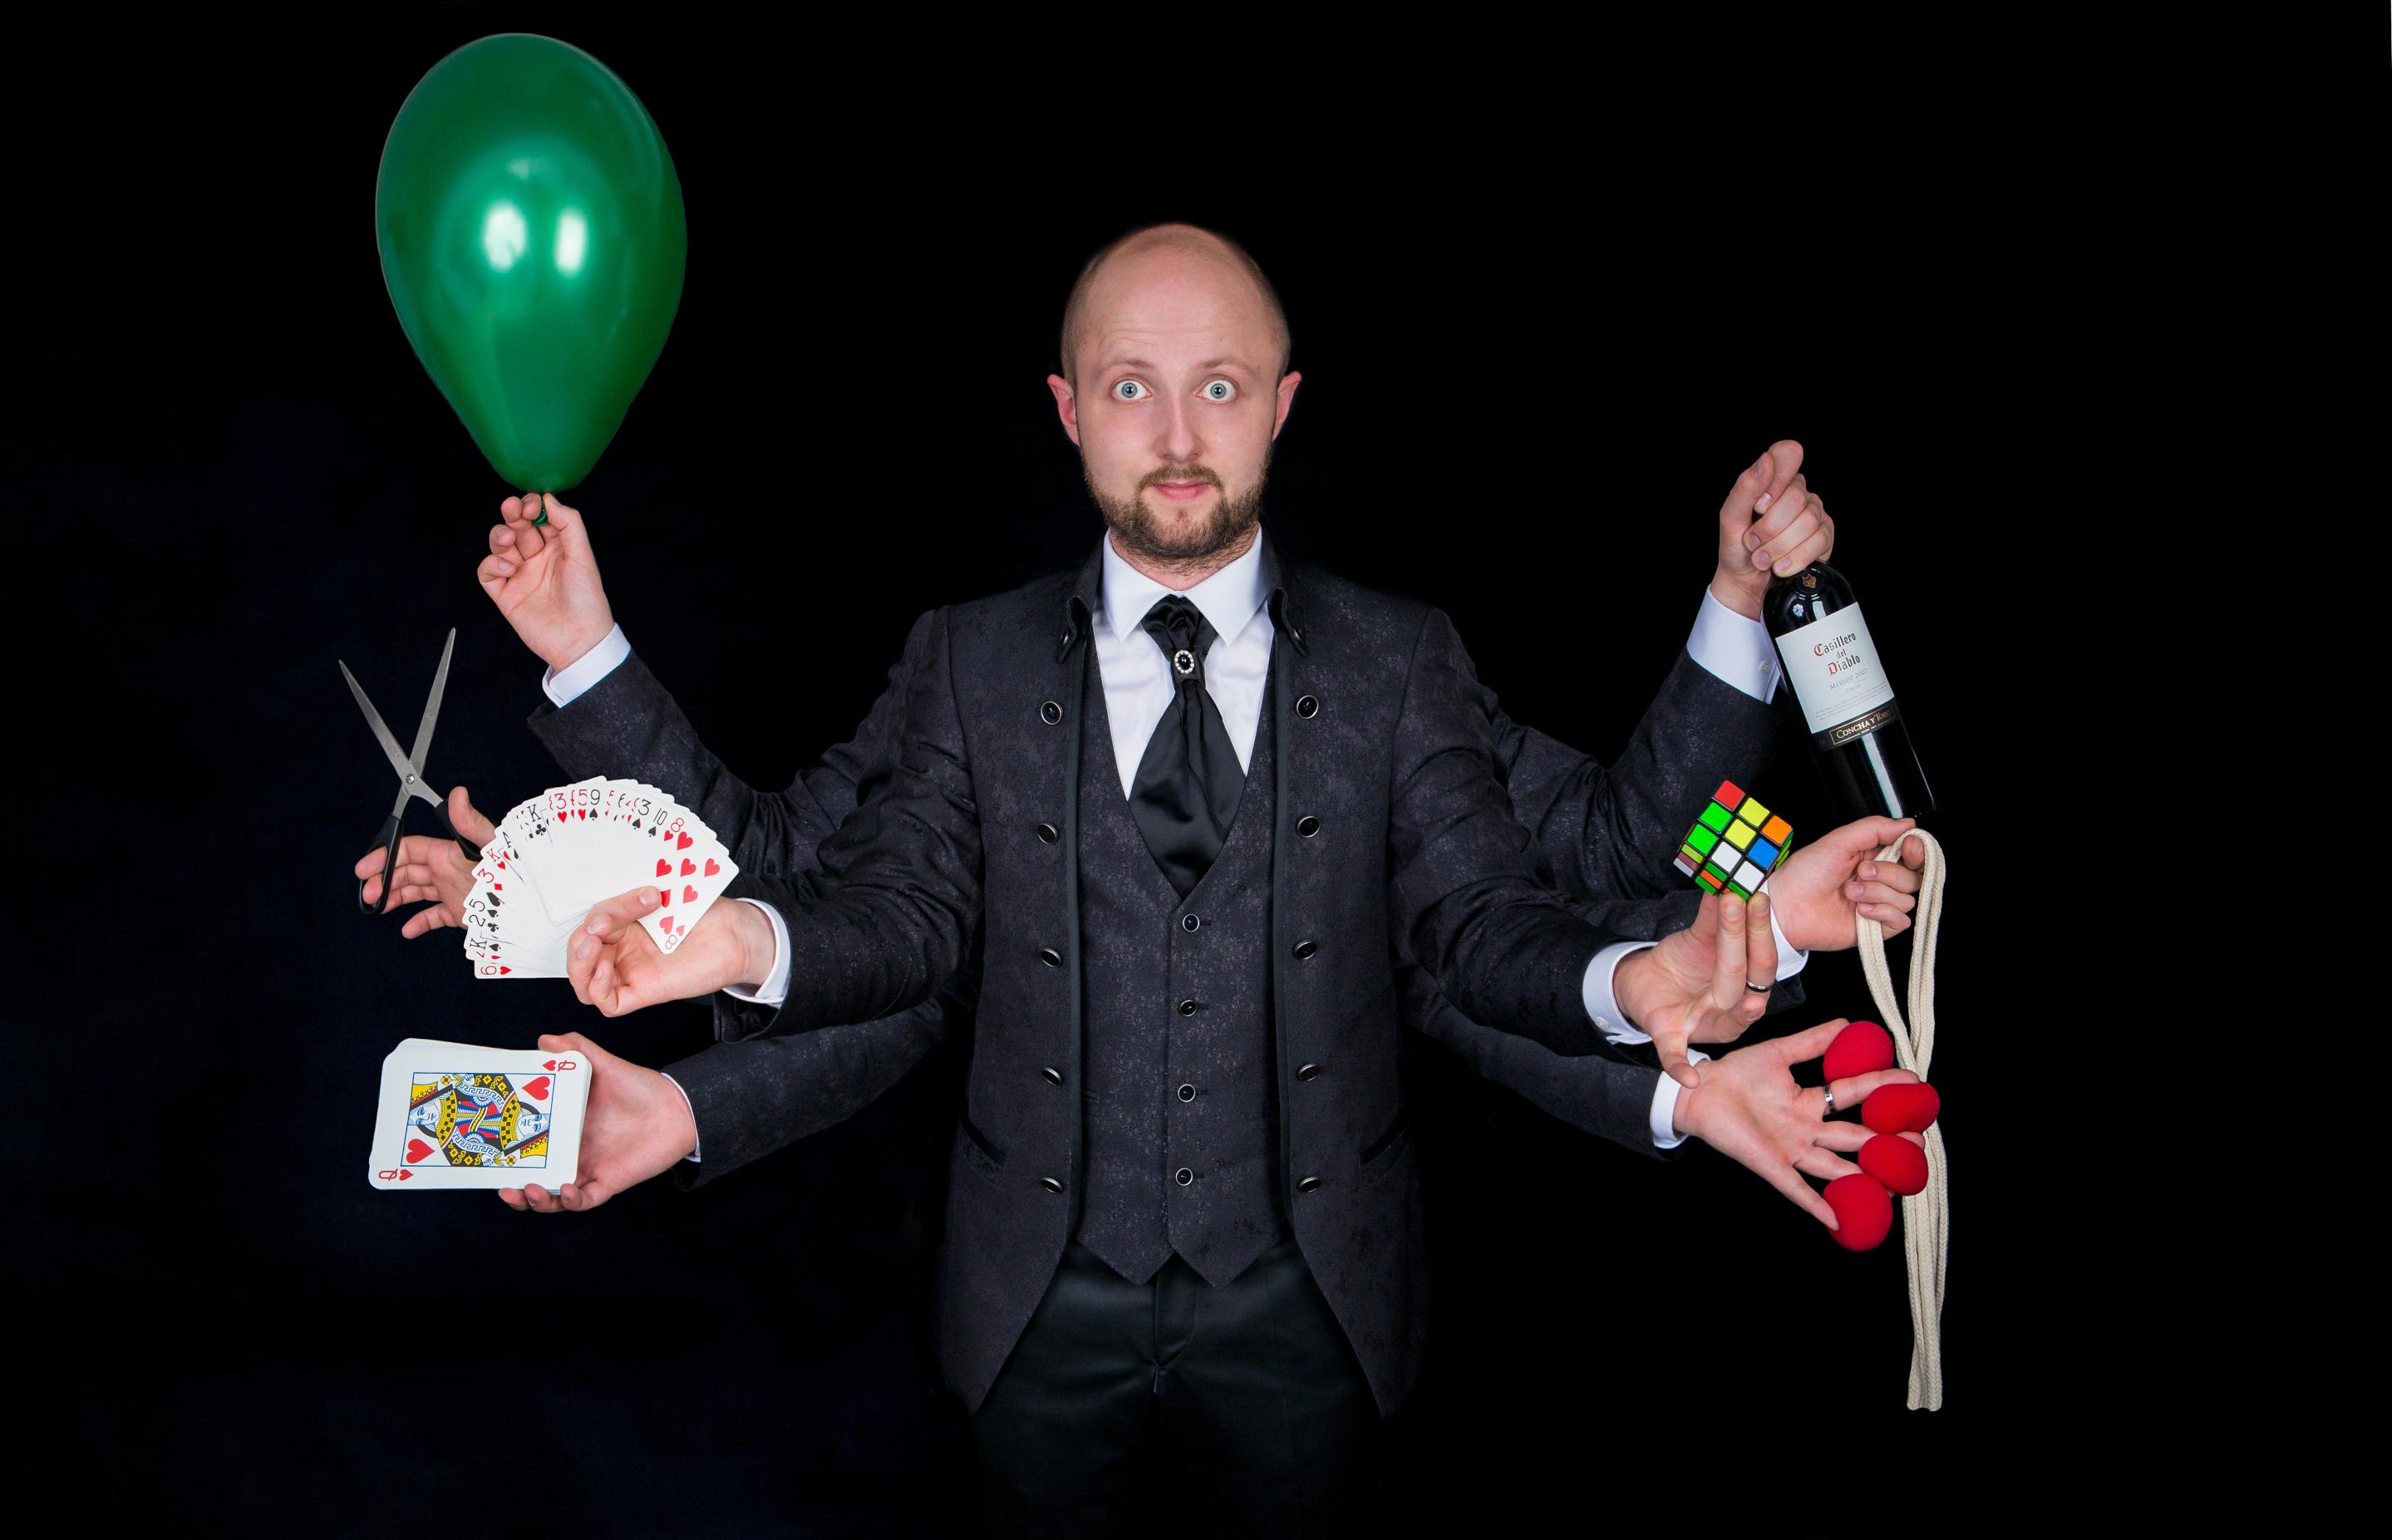 Иллюзионист Alex Romanoff, участник программы «Новый год 2020 на русский лад» в Германии 31 декабря 2019 года от агентства Artist Production